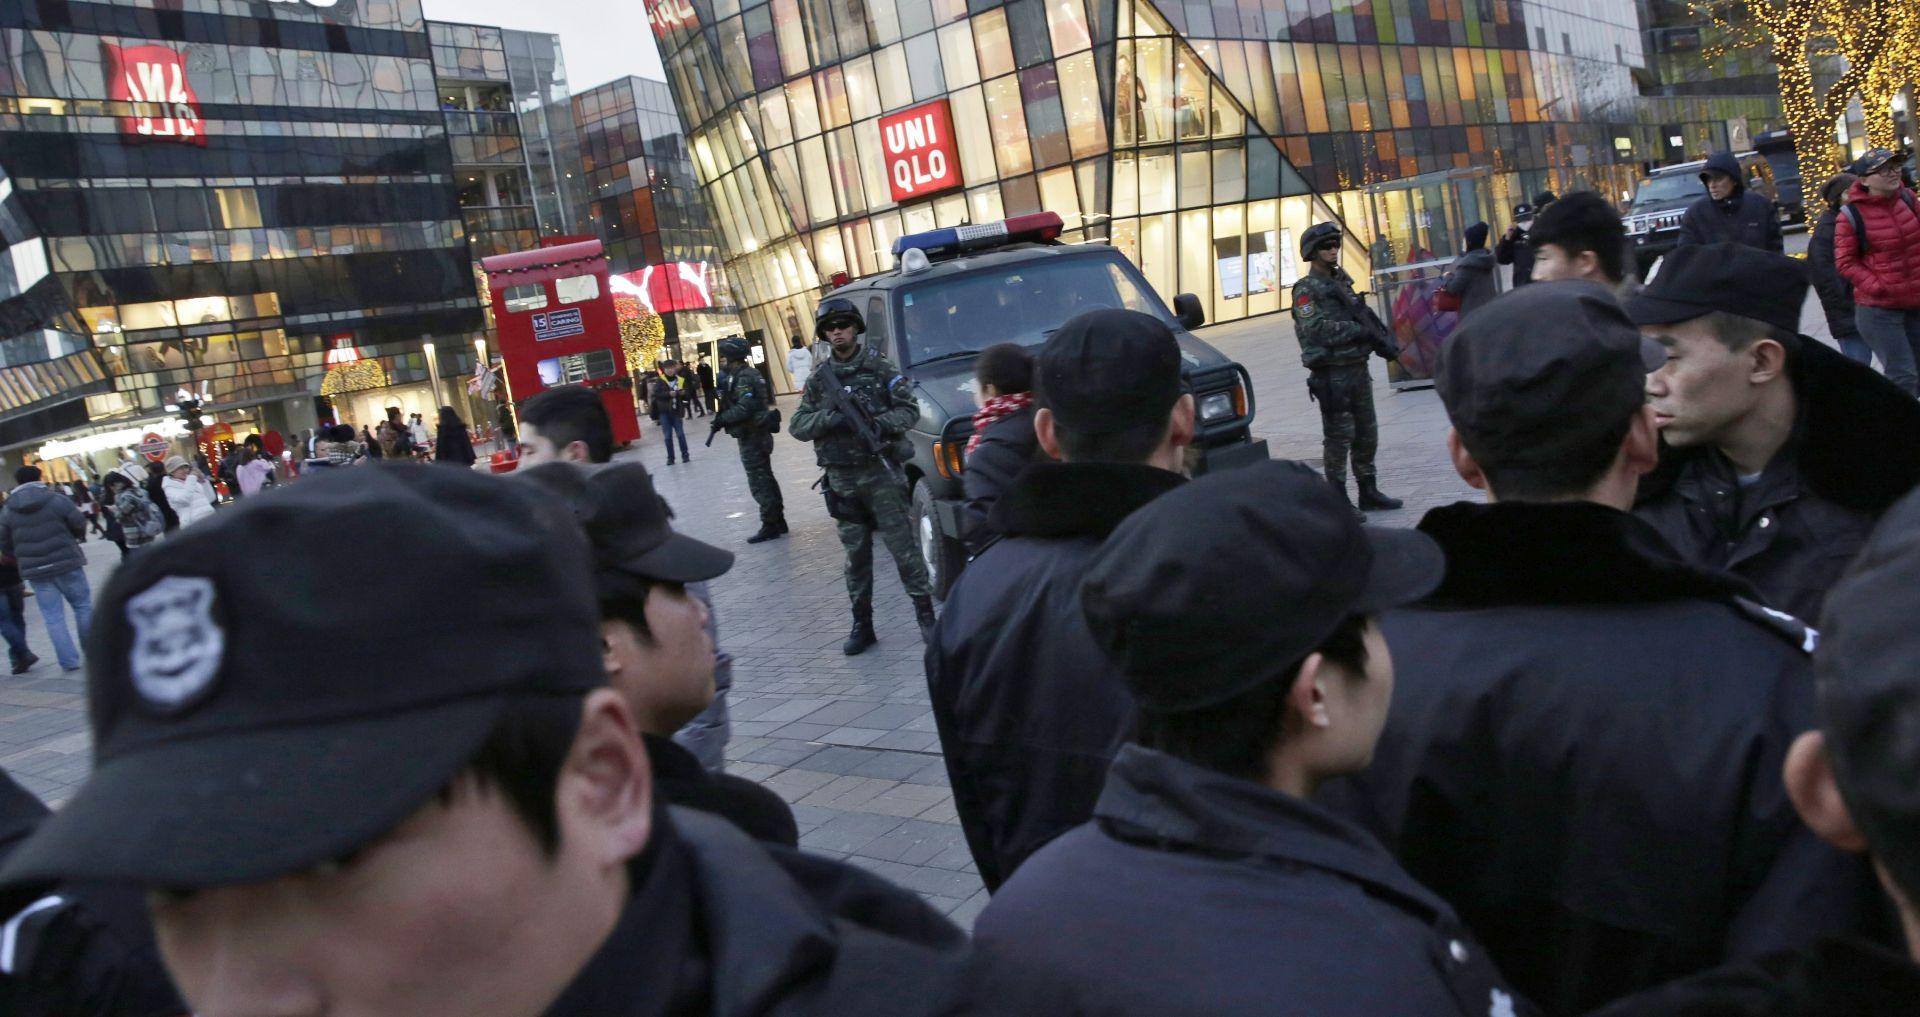 KINA Disident nestao nakon naprasno prekinutog intervjua